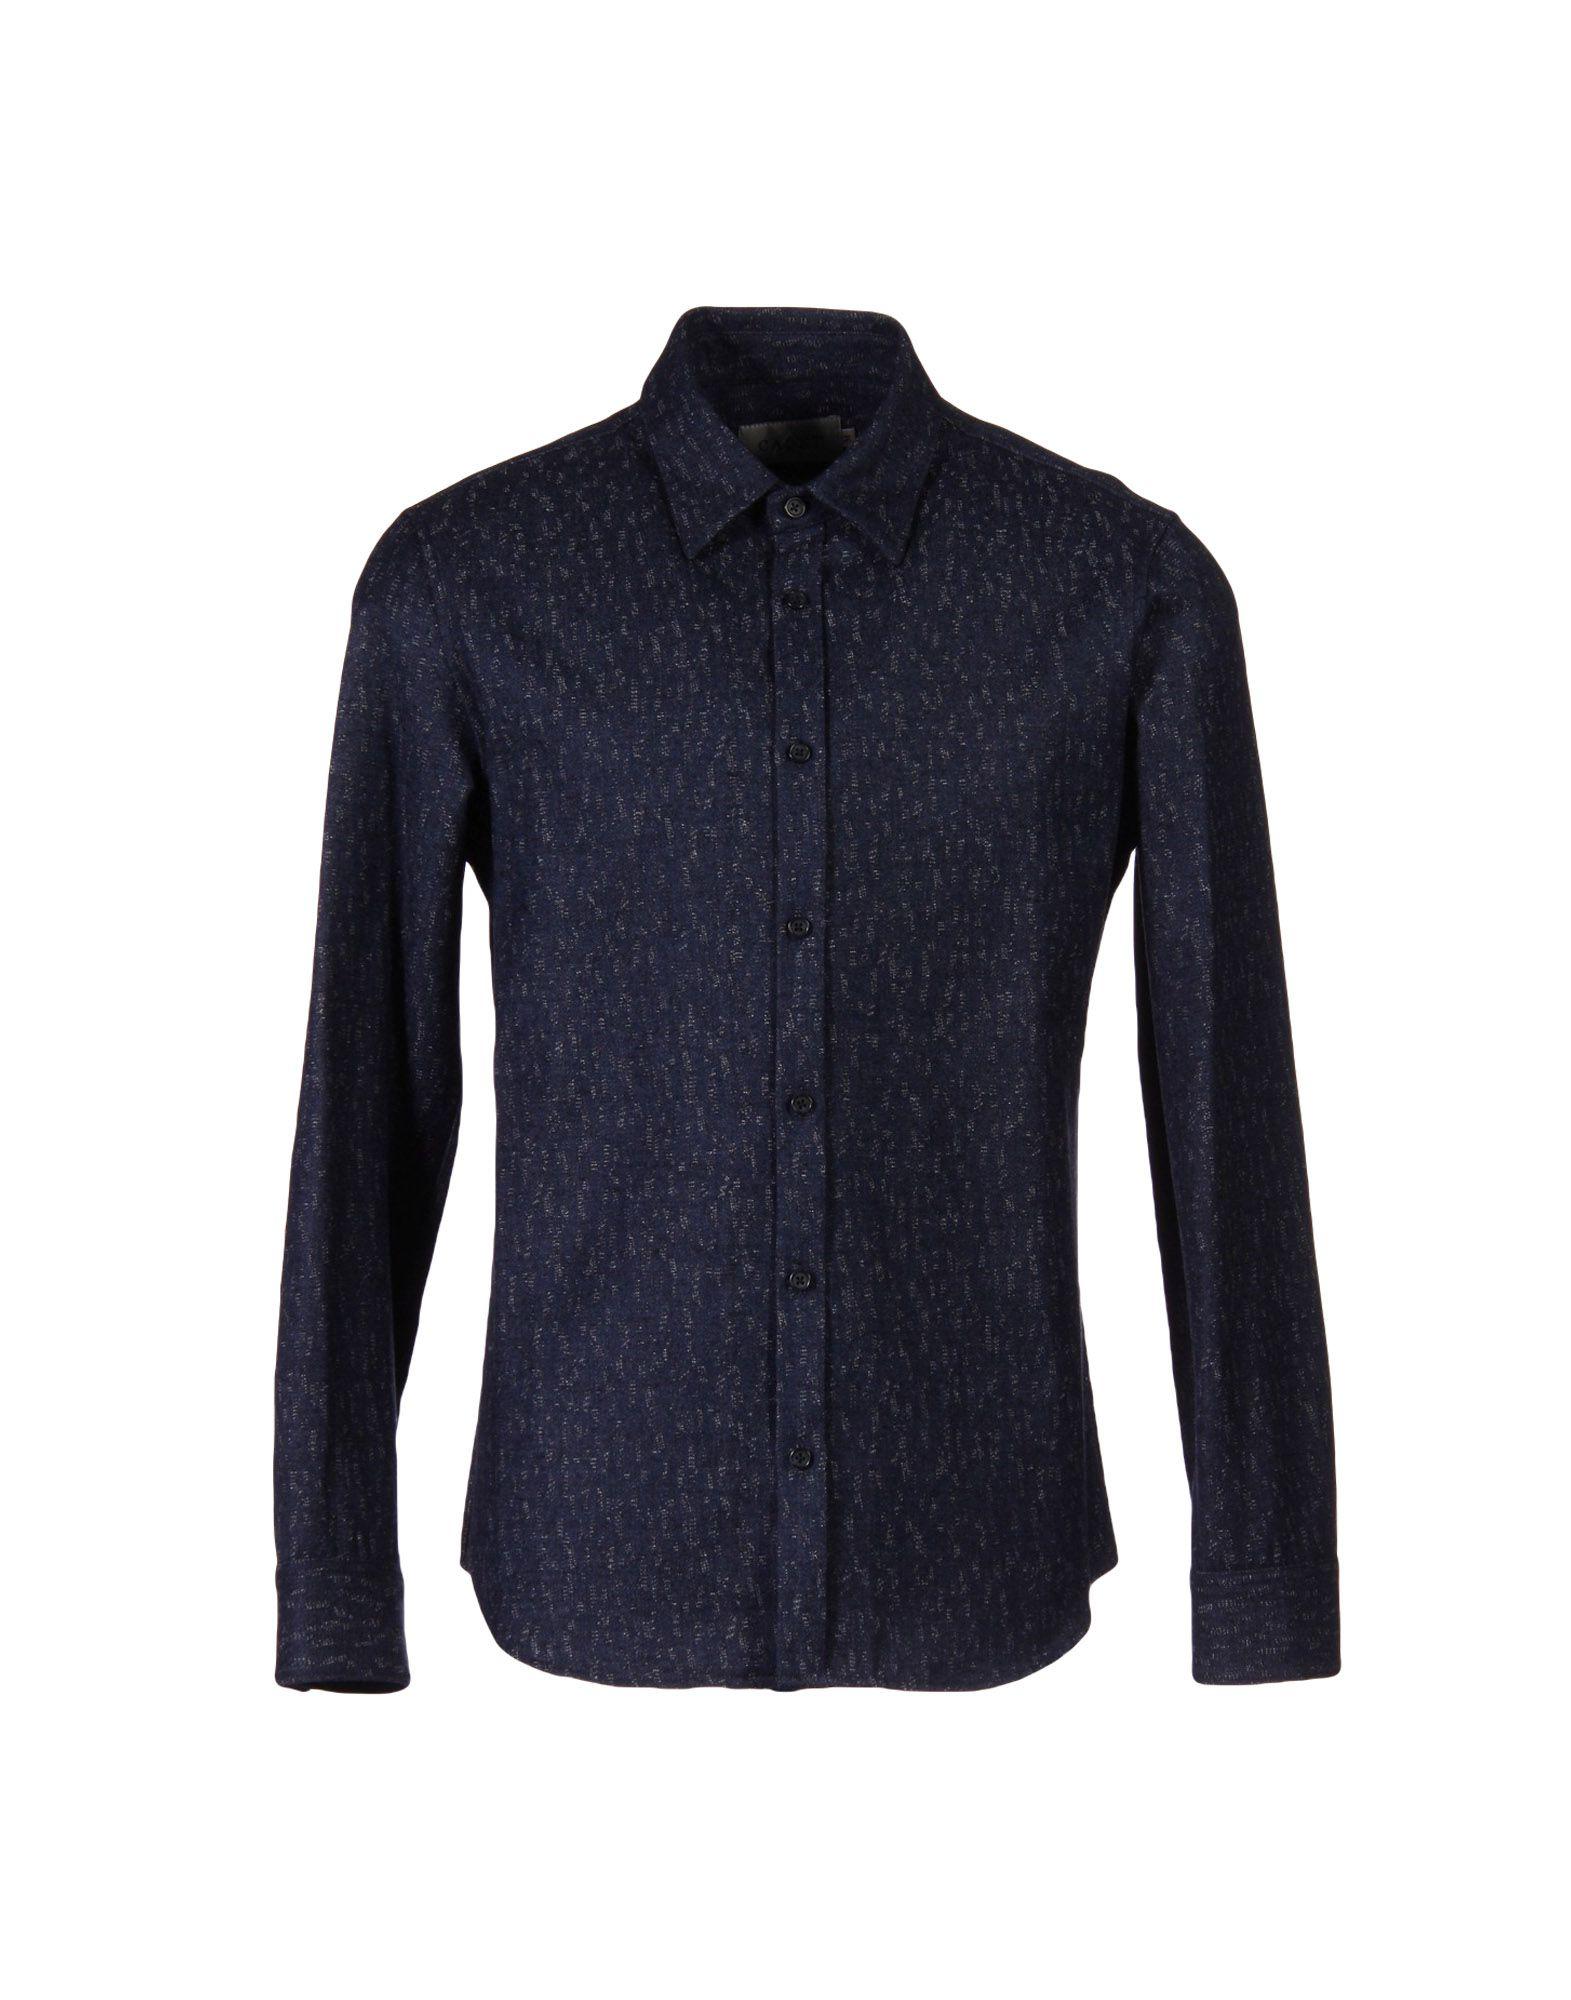 CADET Shirts in Dark Blue